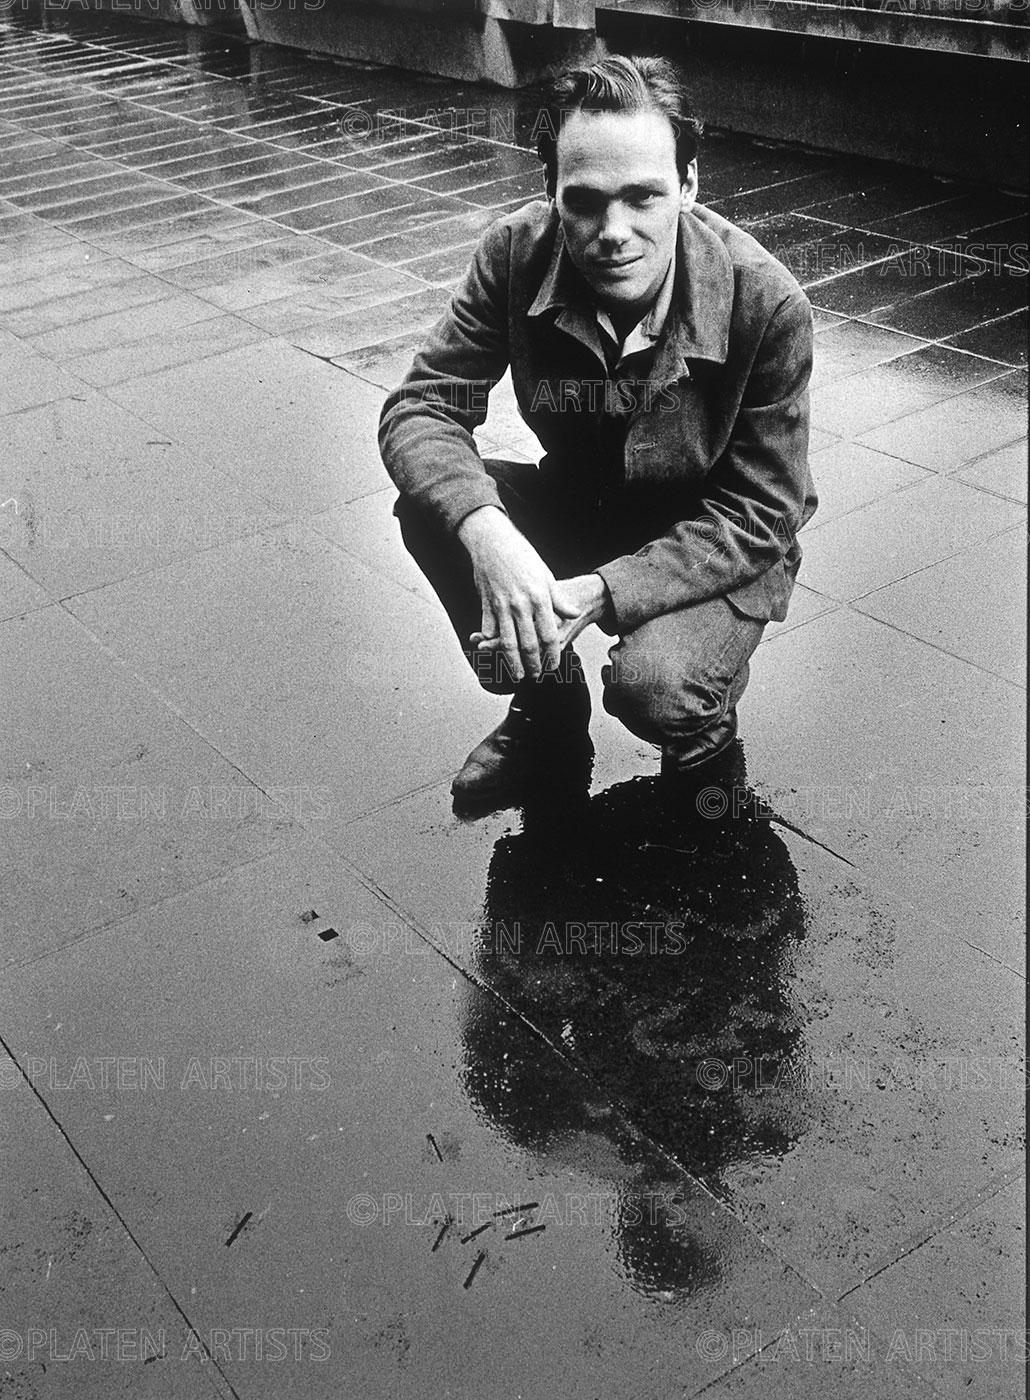 Michael Heizer, Aus der Wüste in den Regen, Düsseldorf, 1969